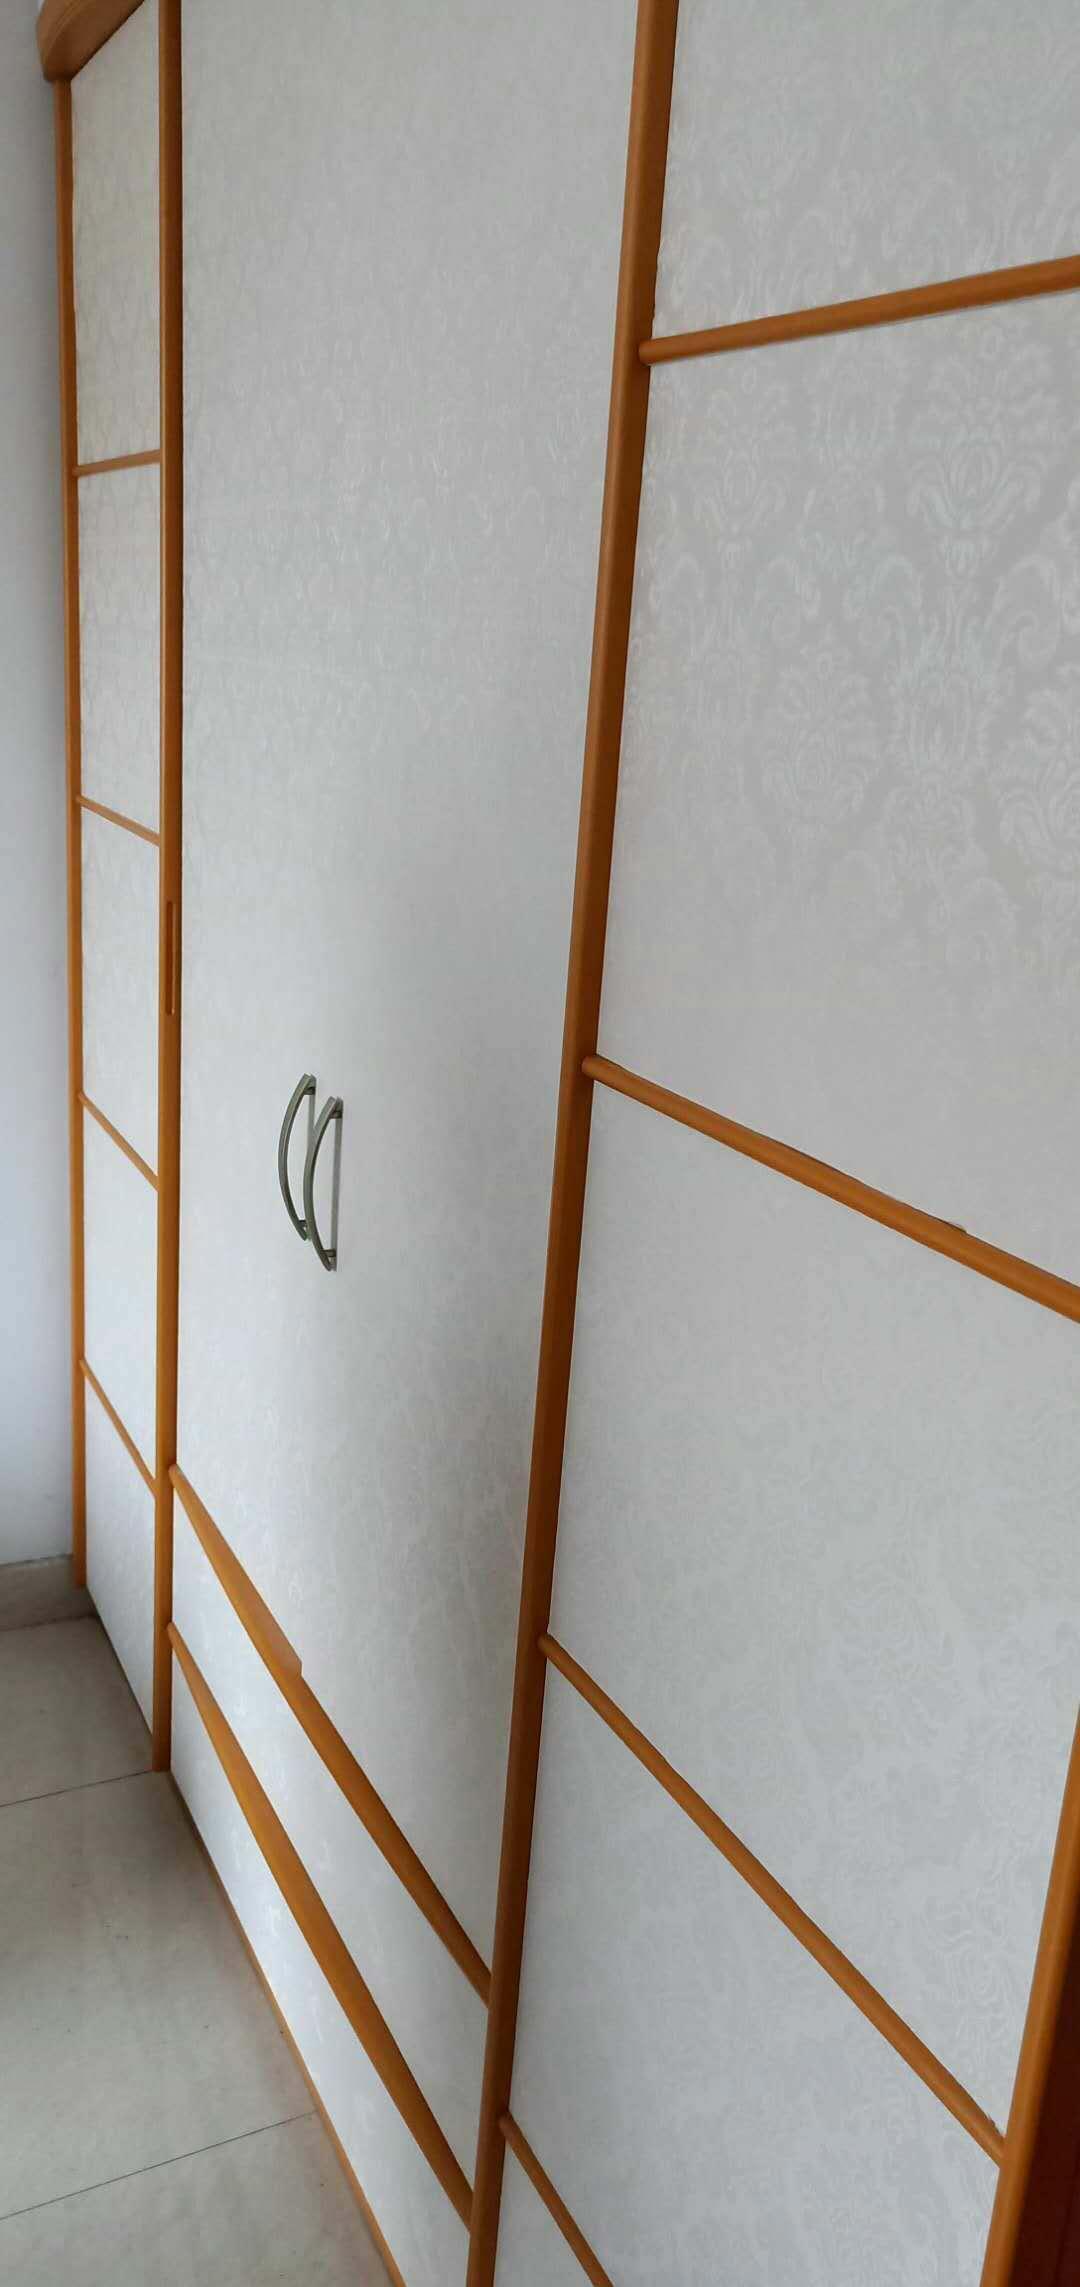 斯图加厚防水3d立体温馨卧室客厅背景墙壁纸自粘墙纸宿舍9953-3粉底经典大花60厘米宽/3米长